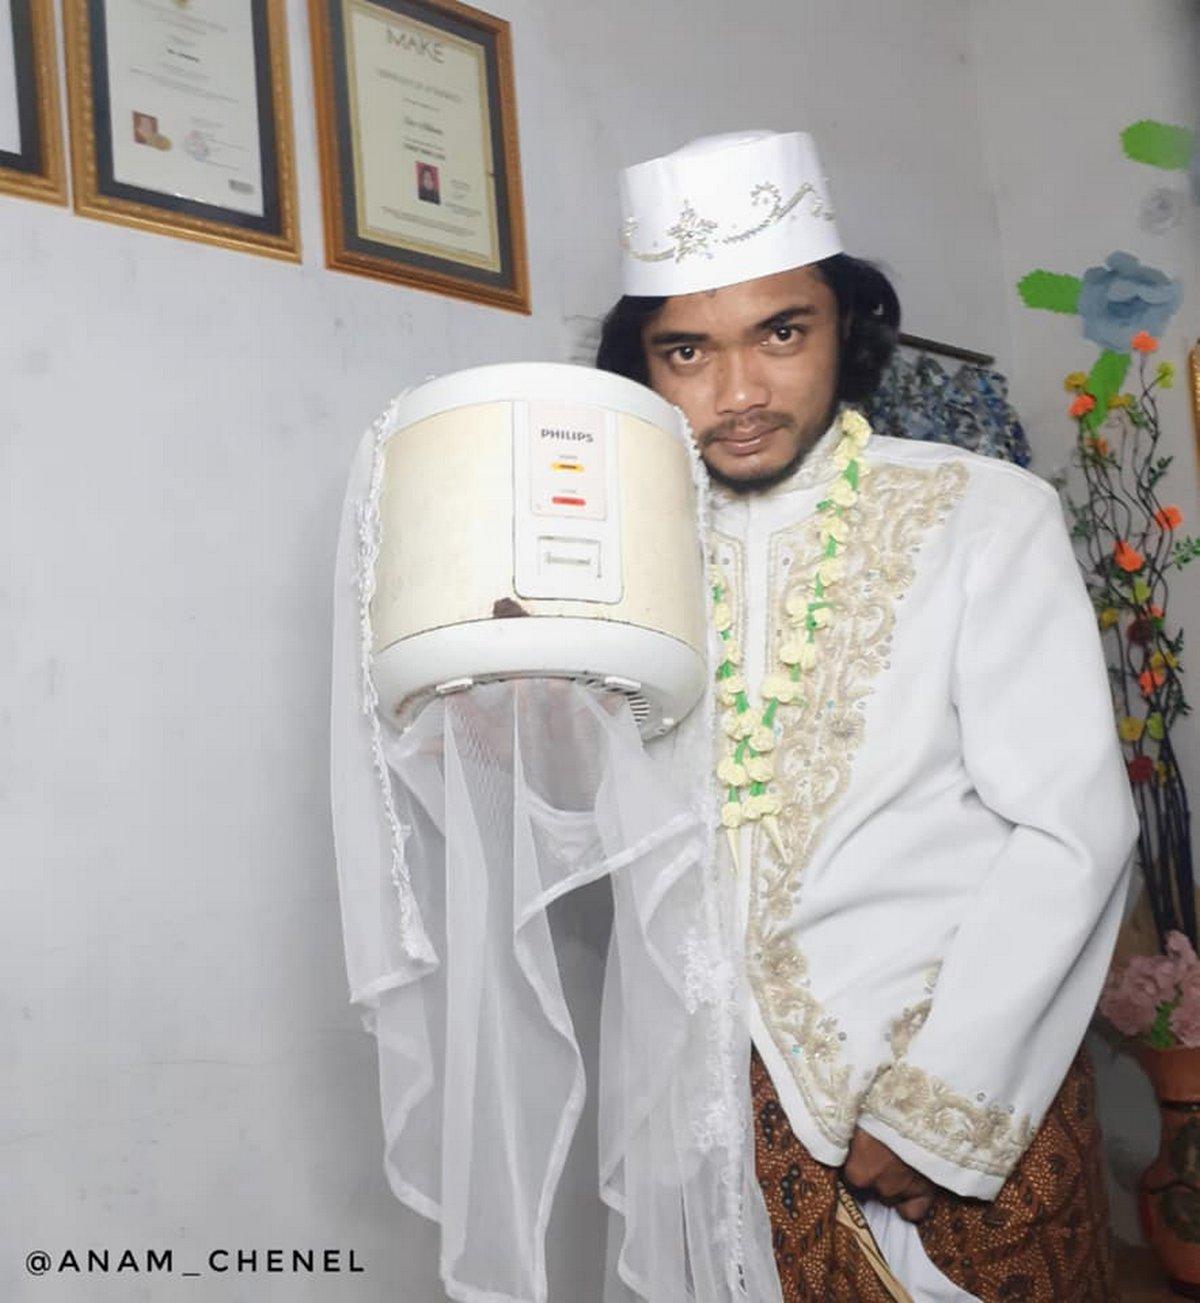 Un homme qui a épousé un cuiseur à riz divorce 4 jours plus tard